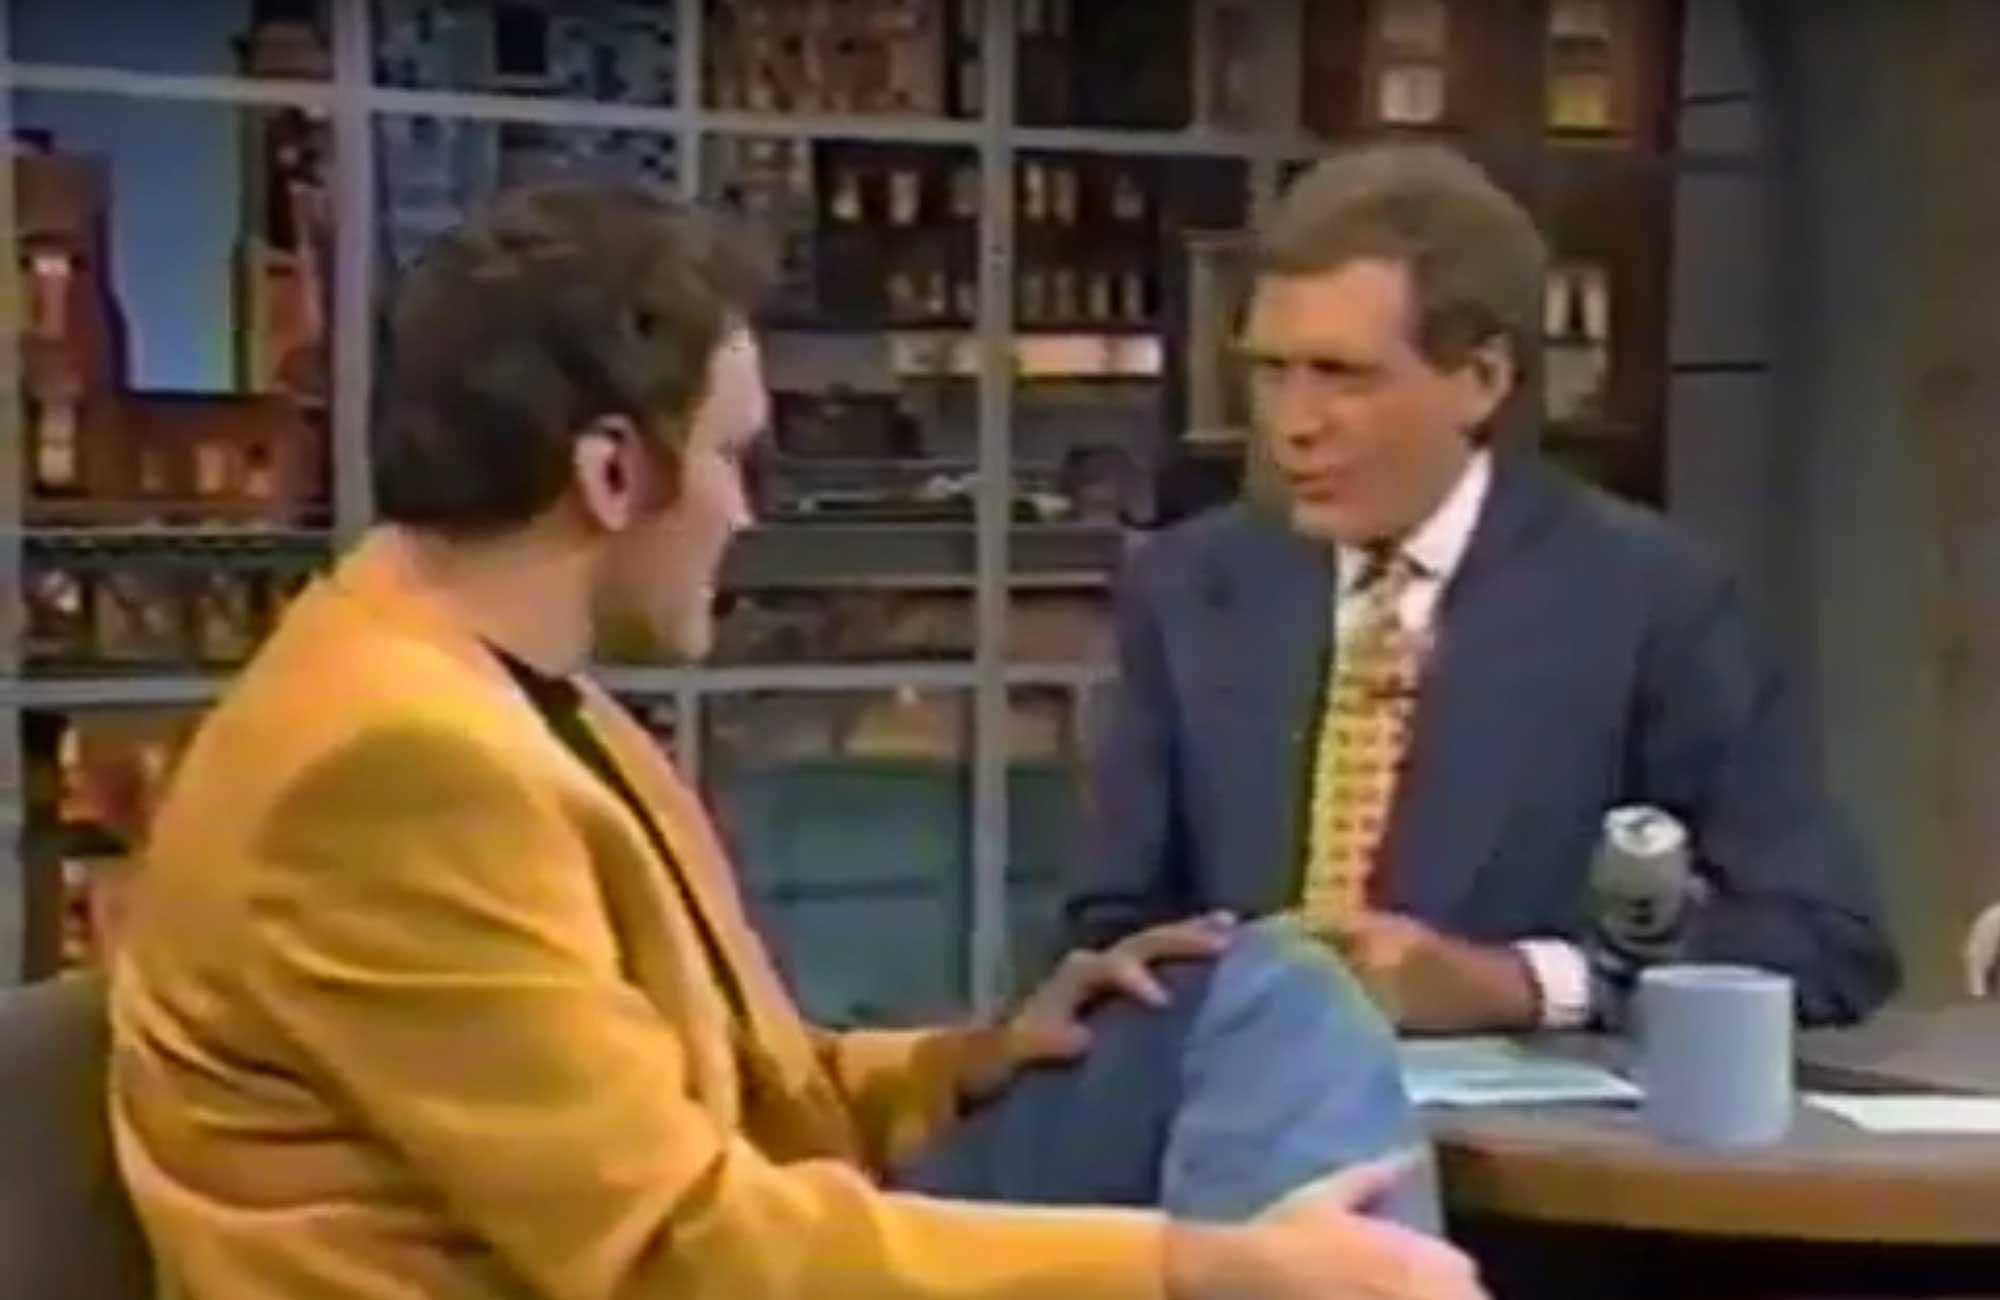 TBT: Q on Letterman